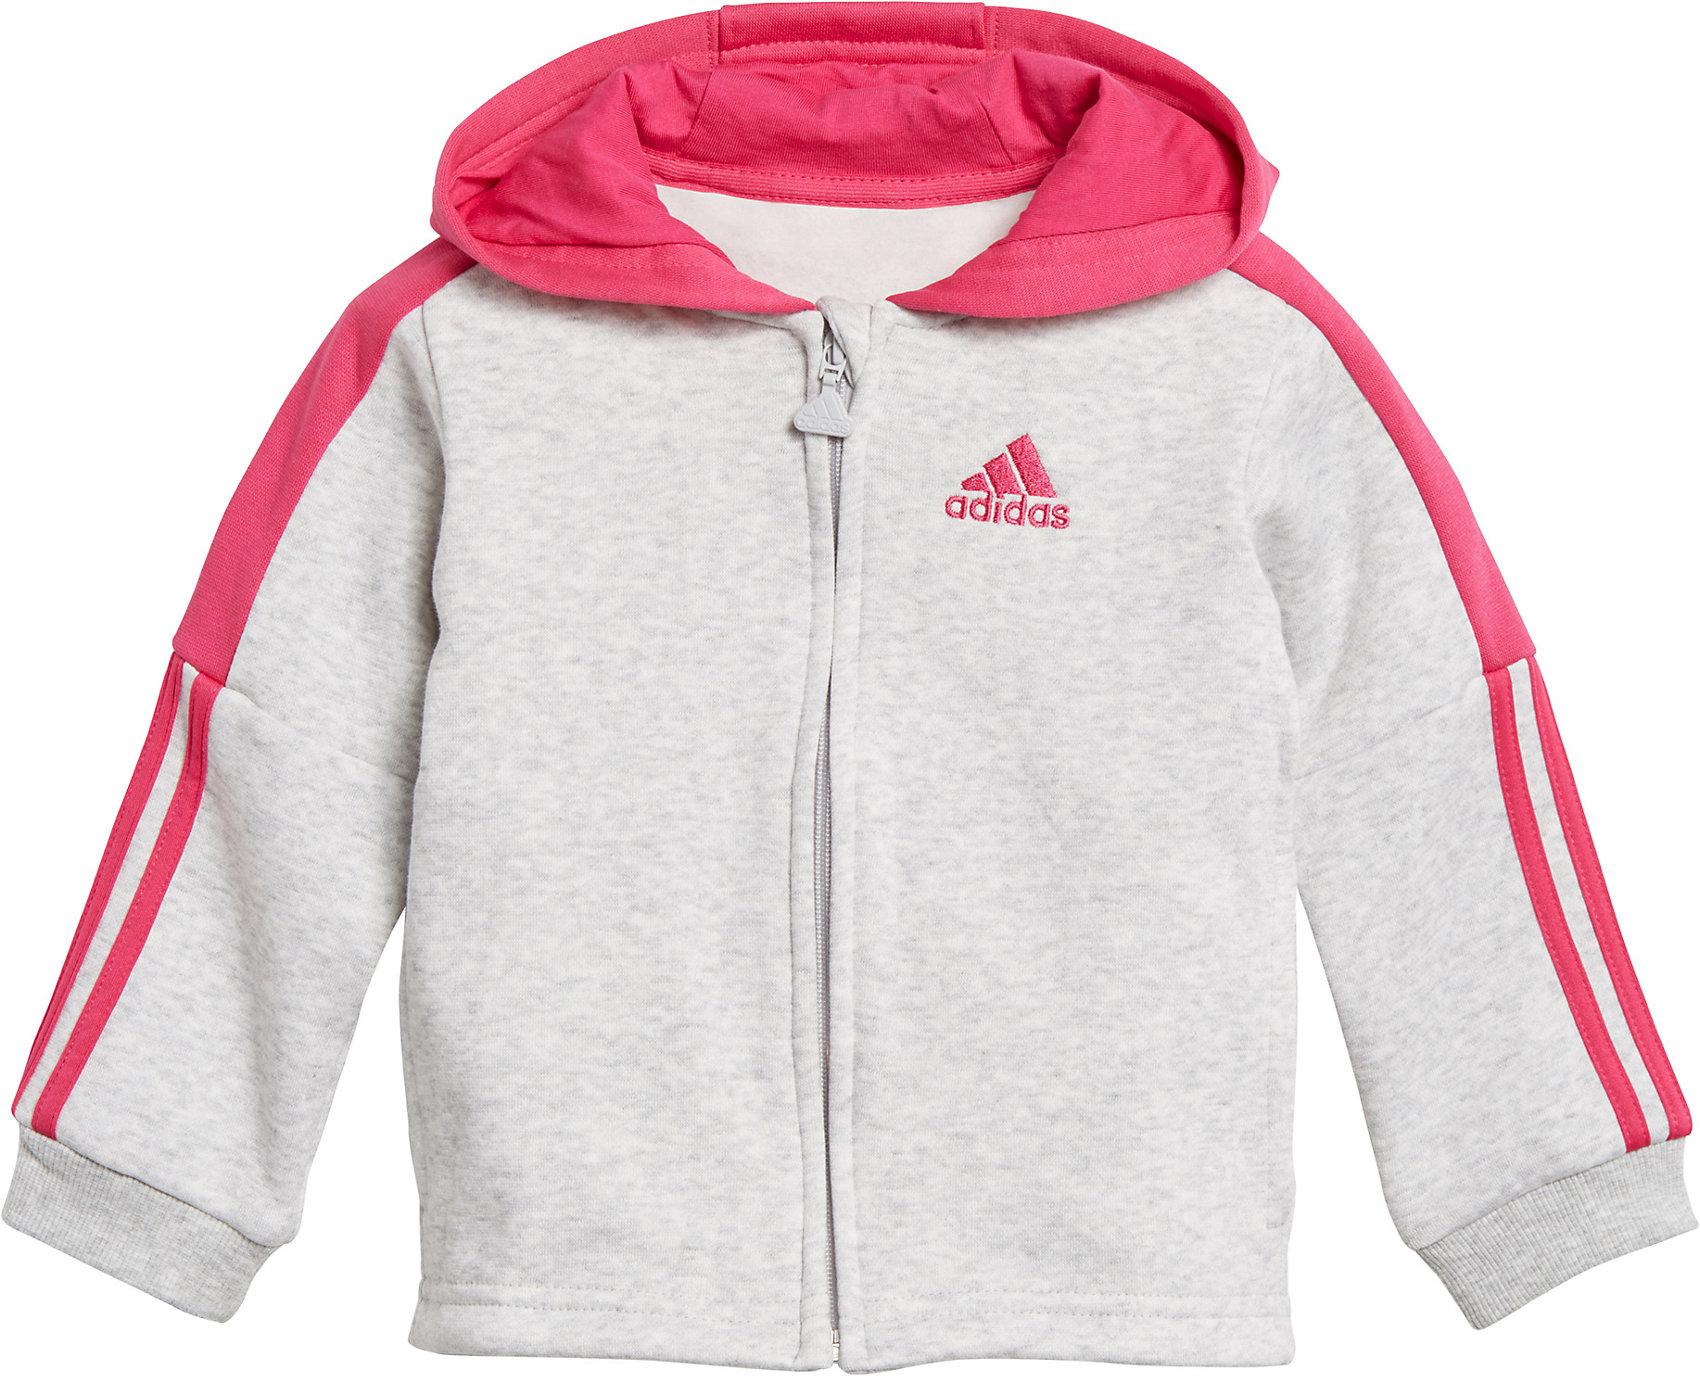 Details zu Neu adidas Performance Baby Jogginganzug für Mädchen 8608292 für Mädchen